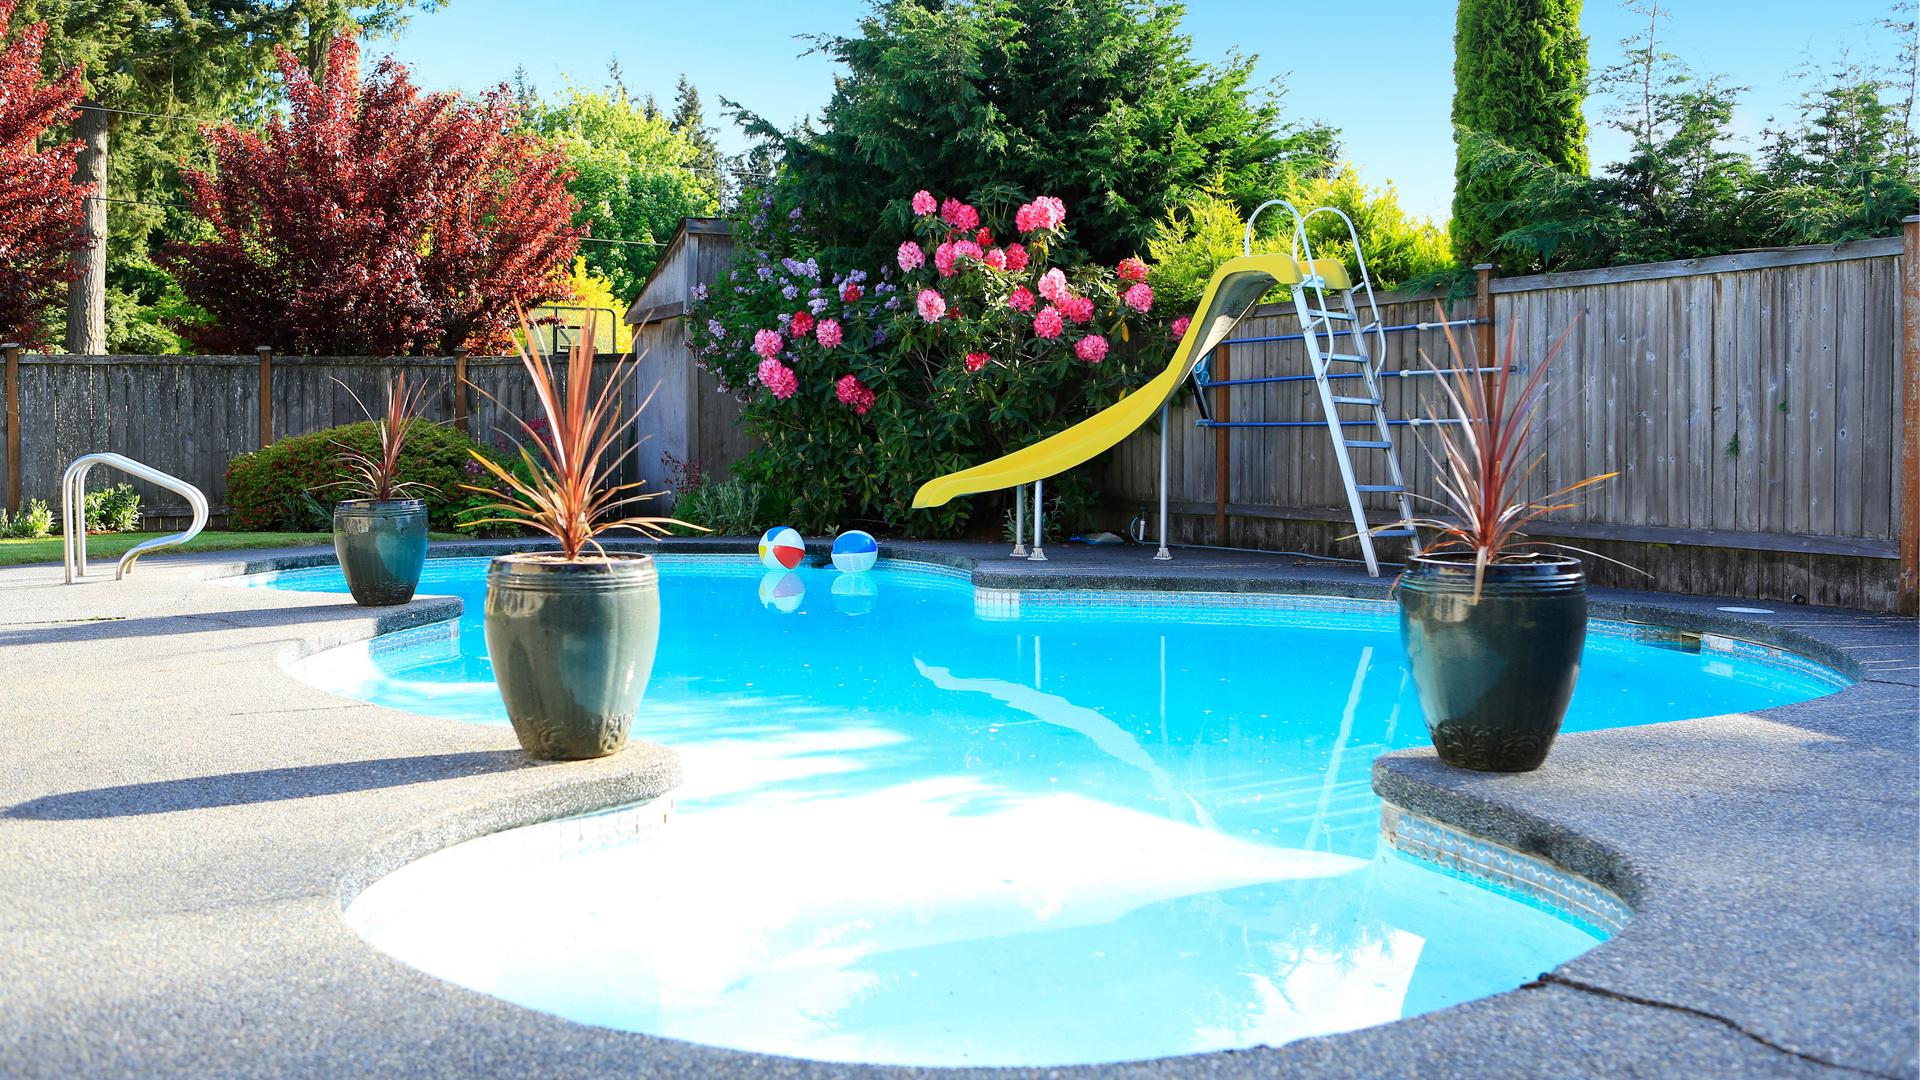 ment installer une piscine dans un petit jardin